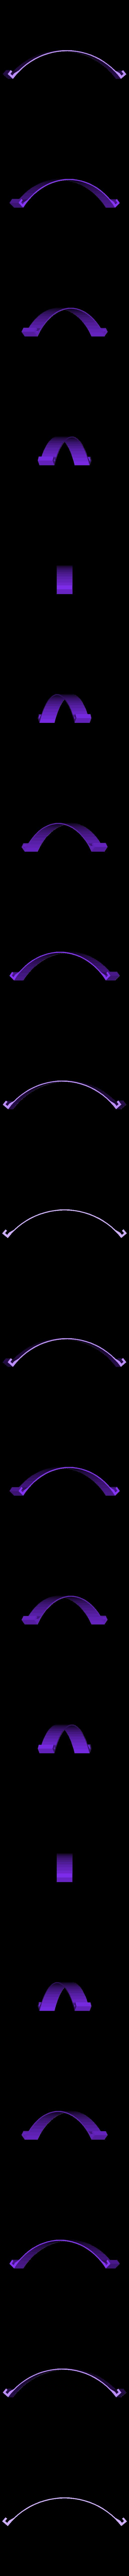 SUJECION_MASCARILLA_SIMPLE_AGARRE_120MM.stl Télécharger fichier STL gratuit Porte-masque simple et double courbe + Boucle d'oreille (pour sauver les oreilles) • Objet pour imprimante 3D, celtarra12